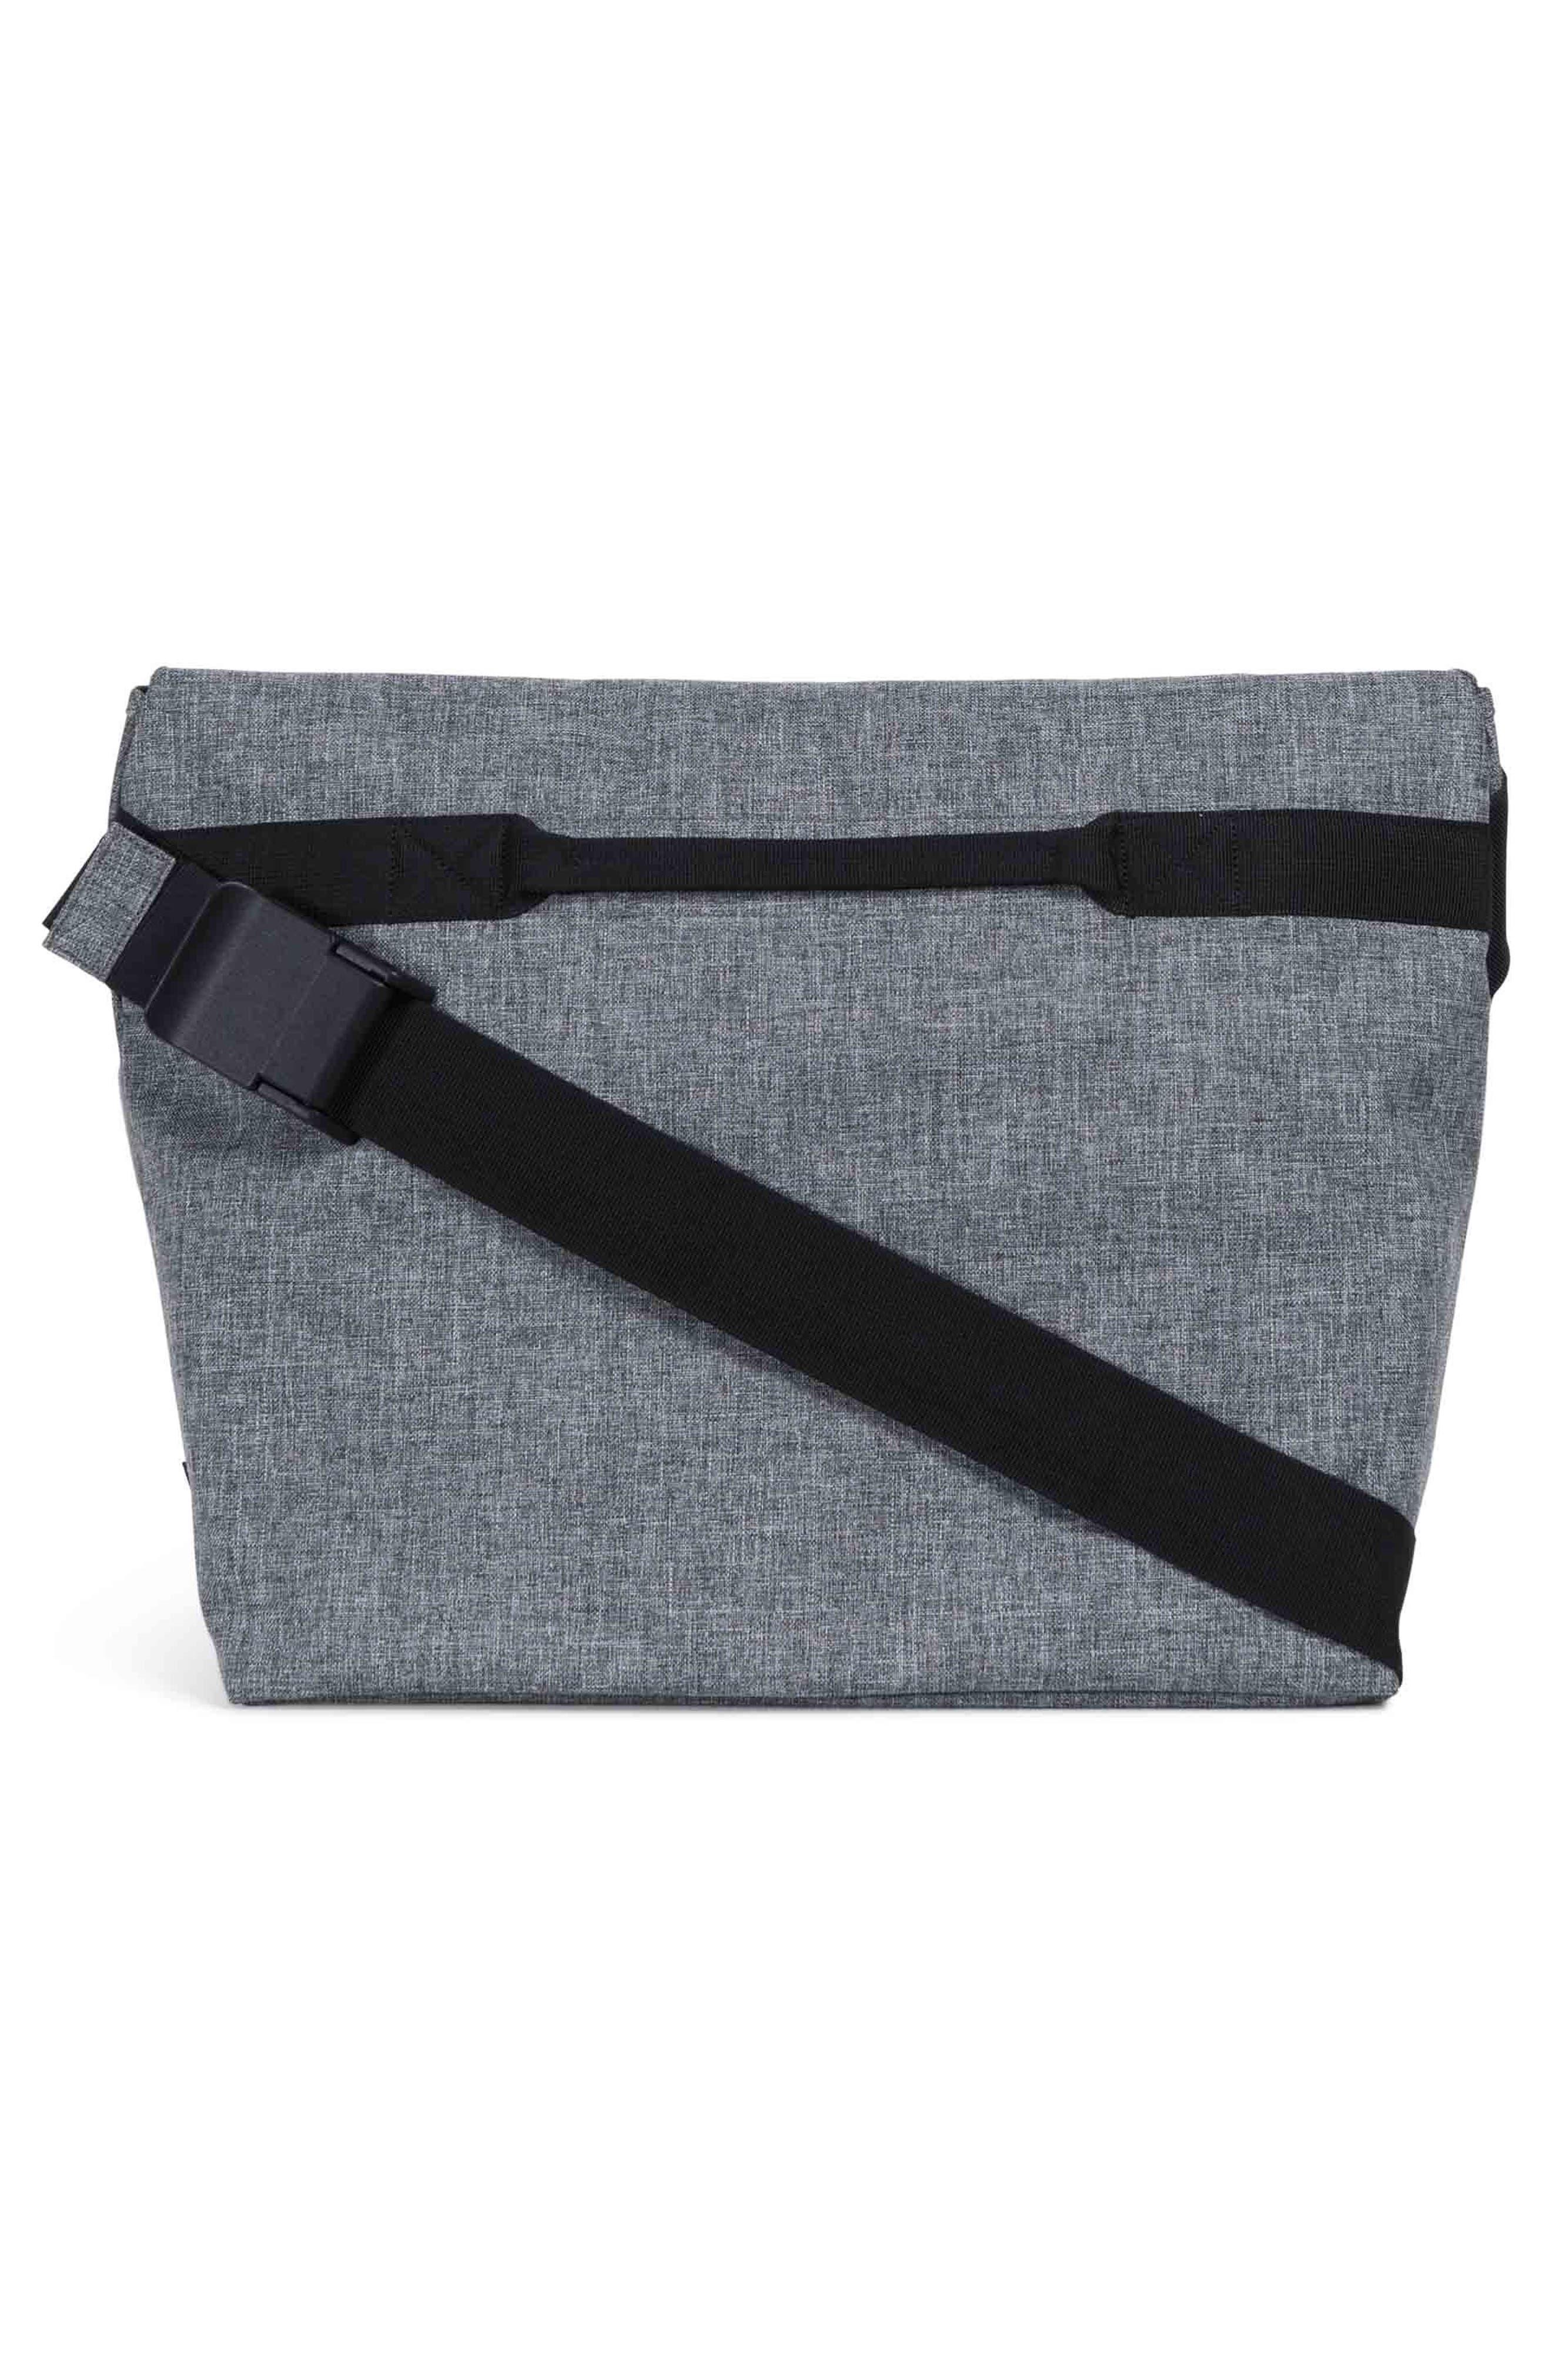 Odell Messenger Bag,                             Alternate thumbnail 8, color,